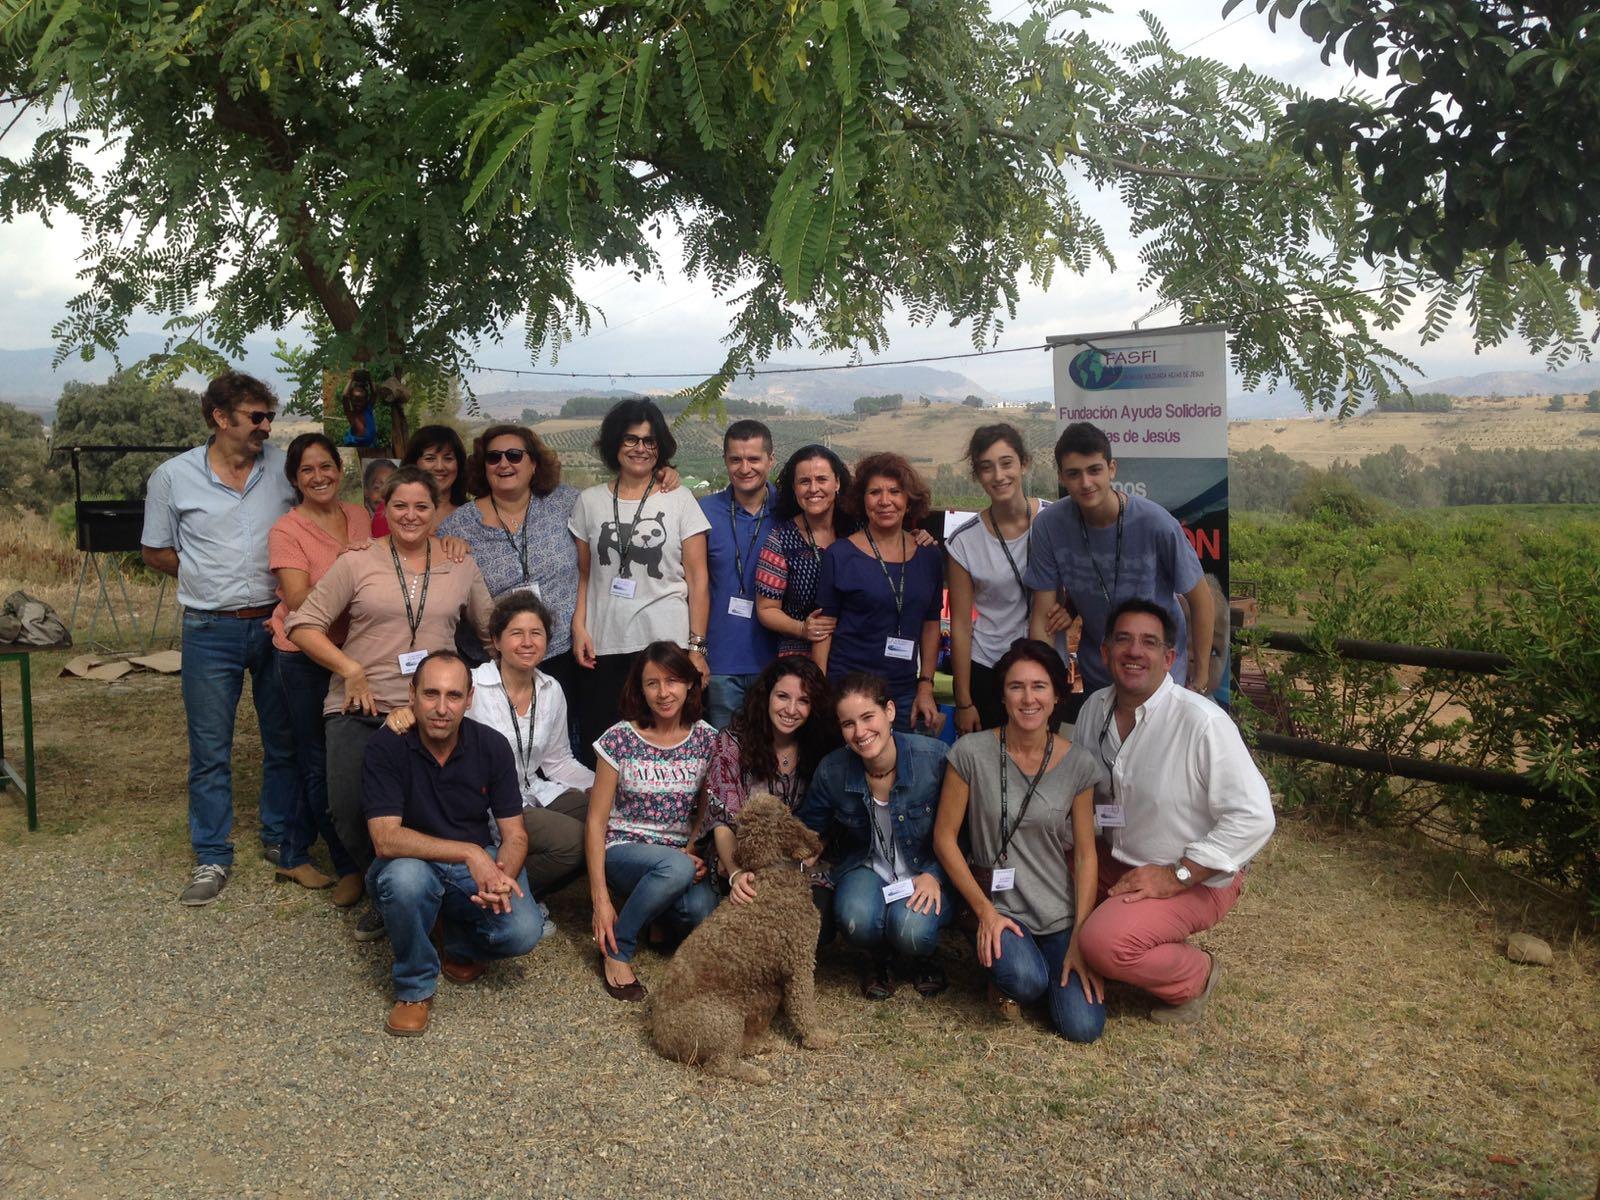 V Almuerzo Solidario organizado por la Delegación de FASFI en Andalucía